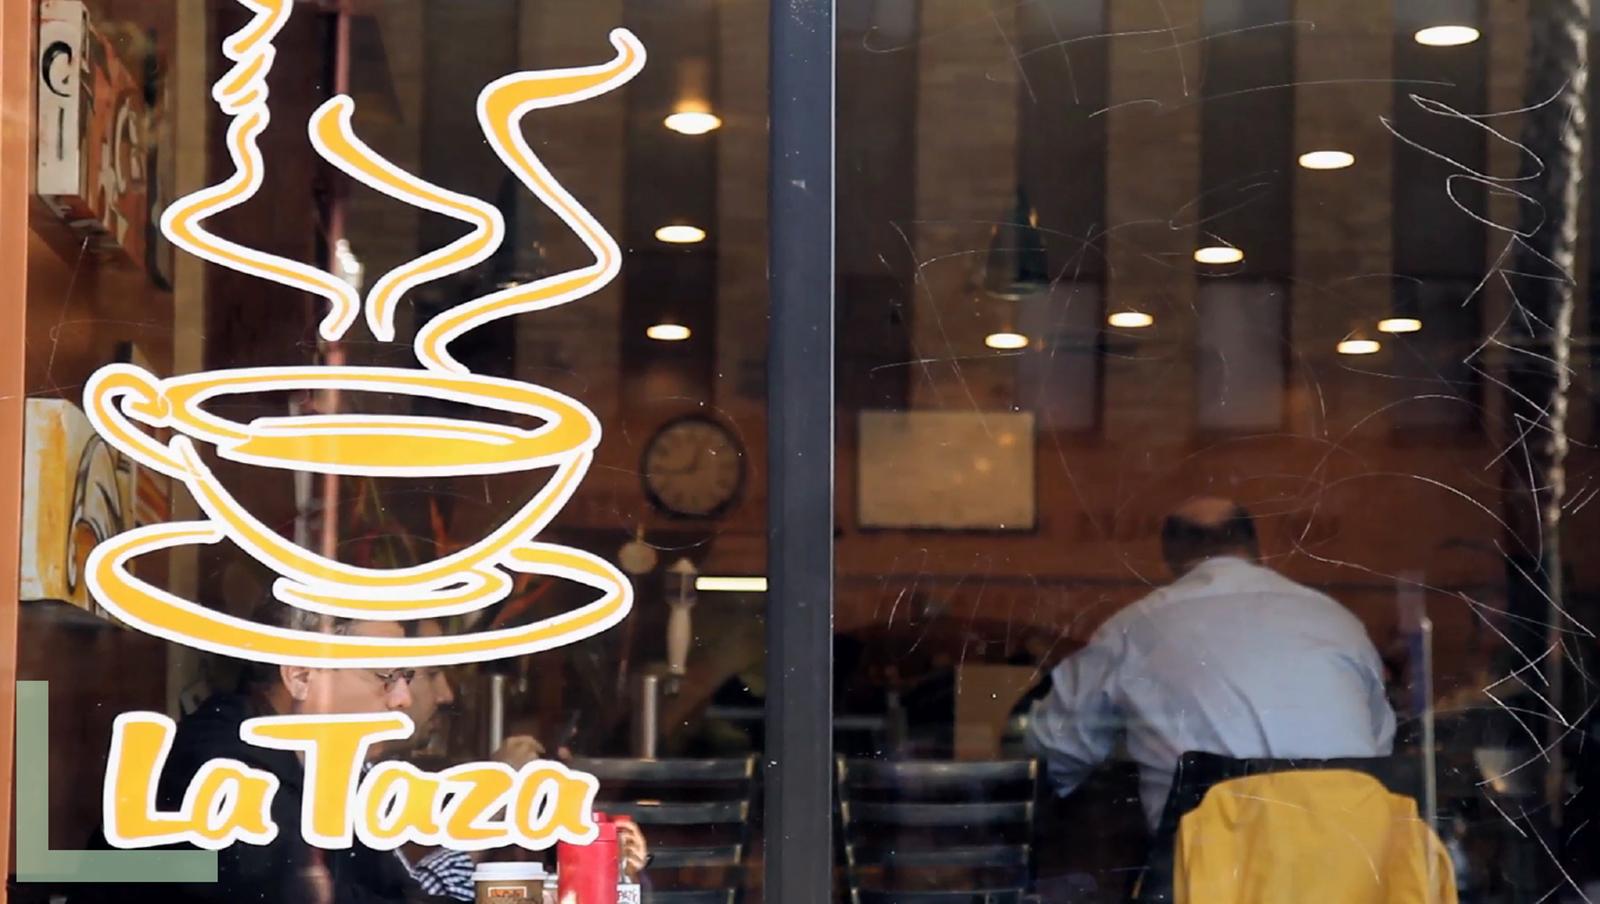 Cafe La Taza: Un Negocio Familiar